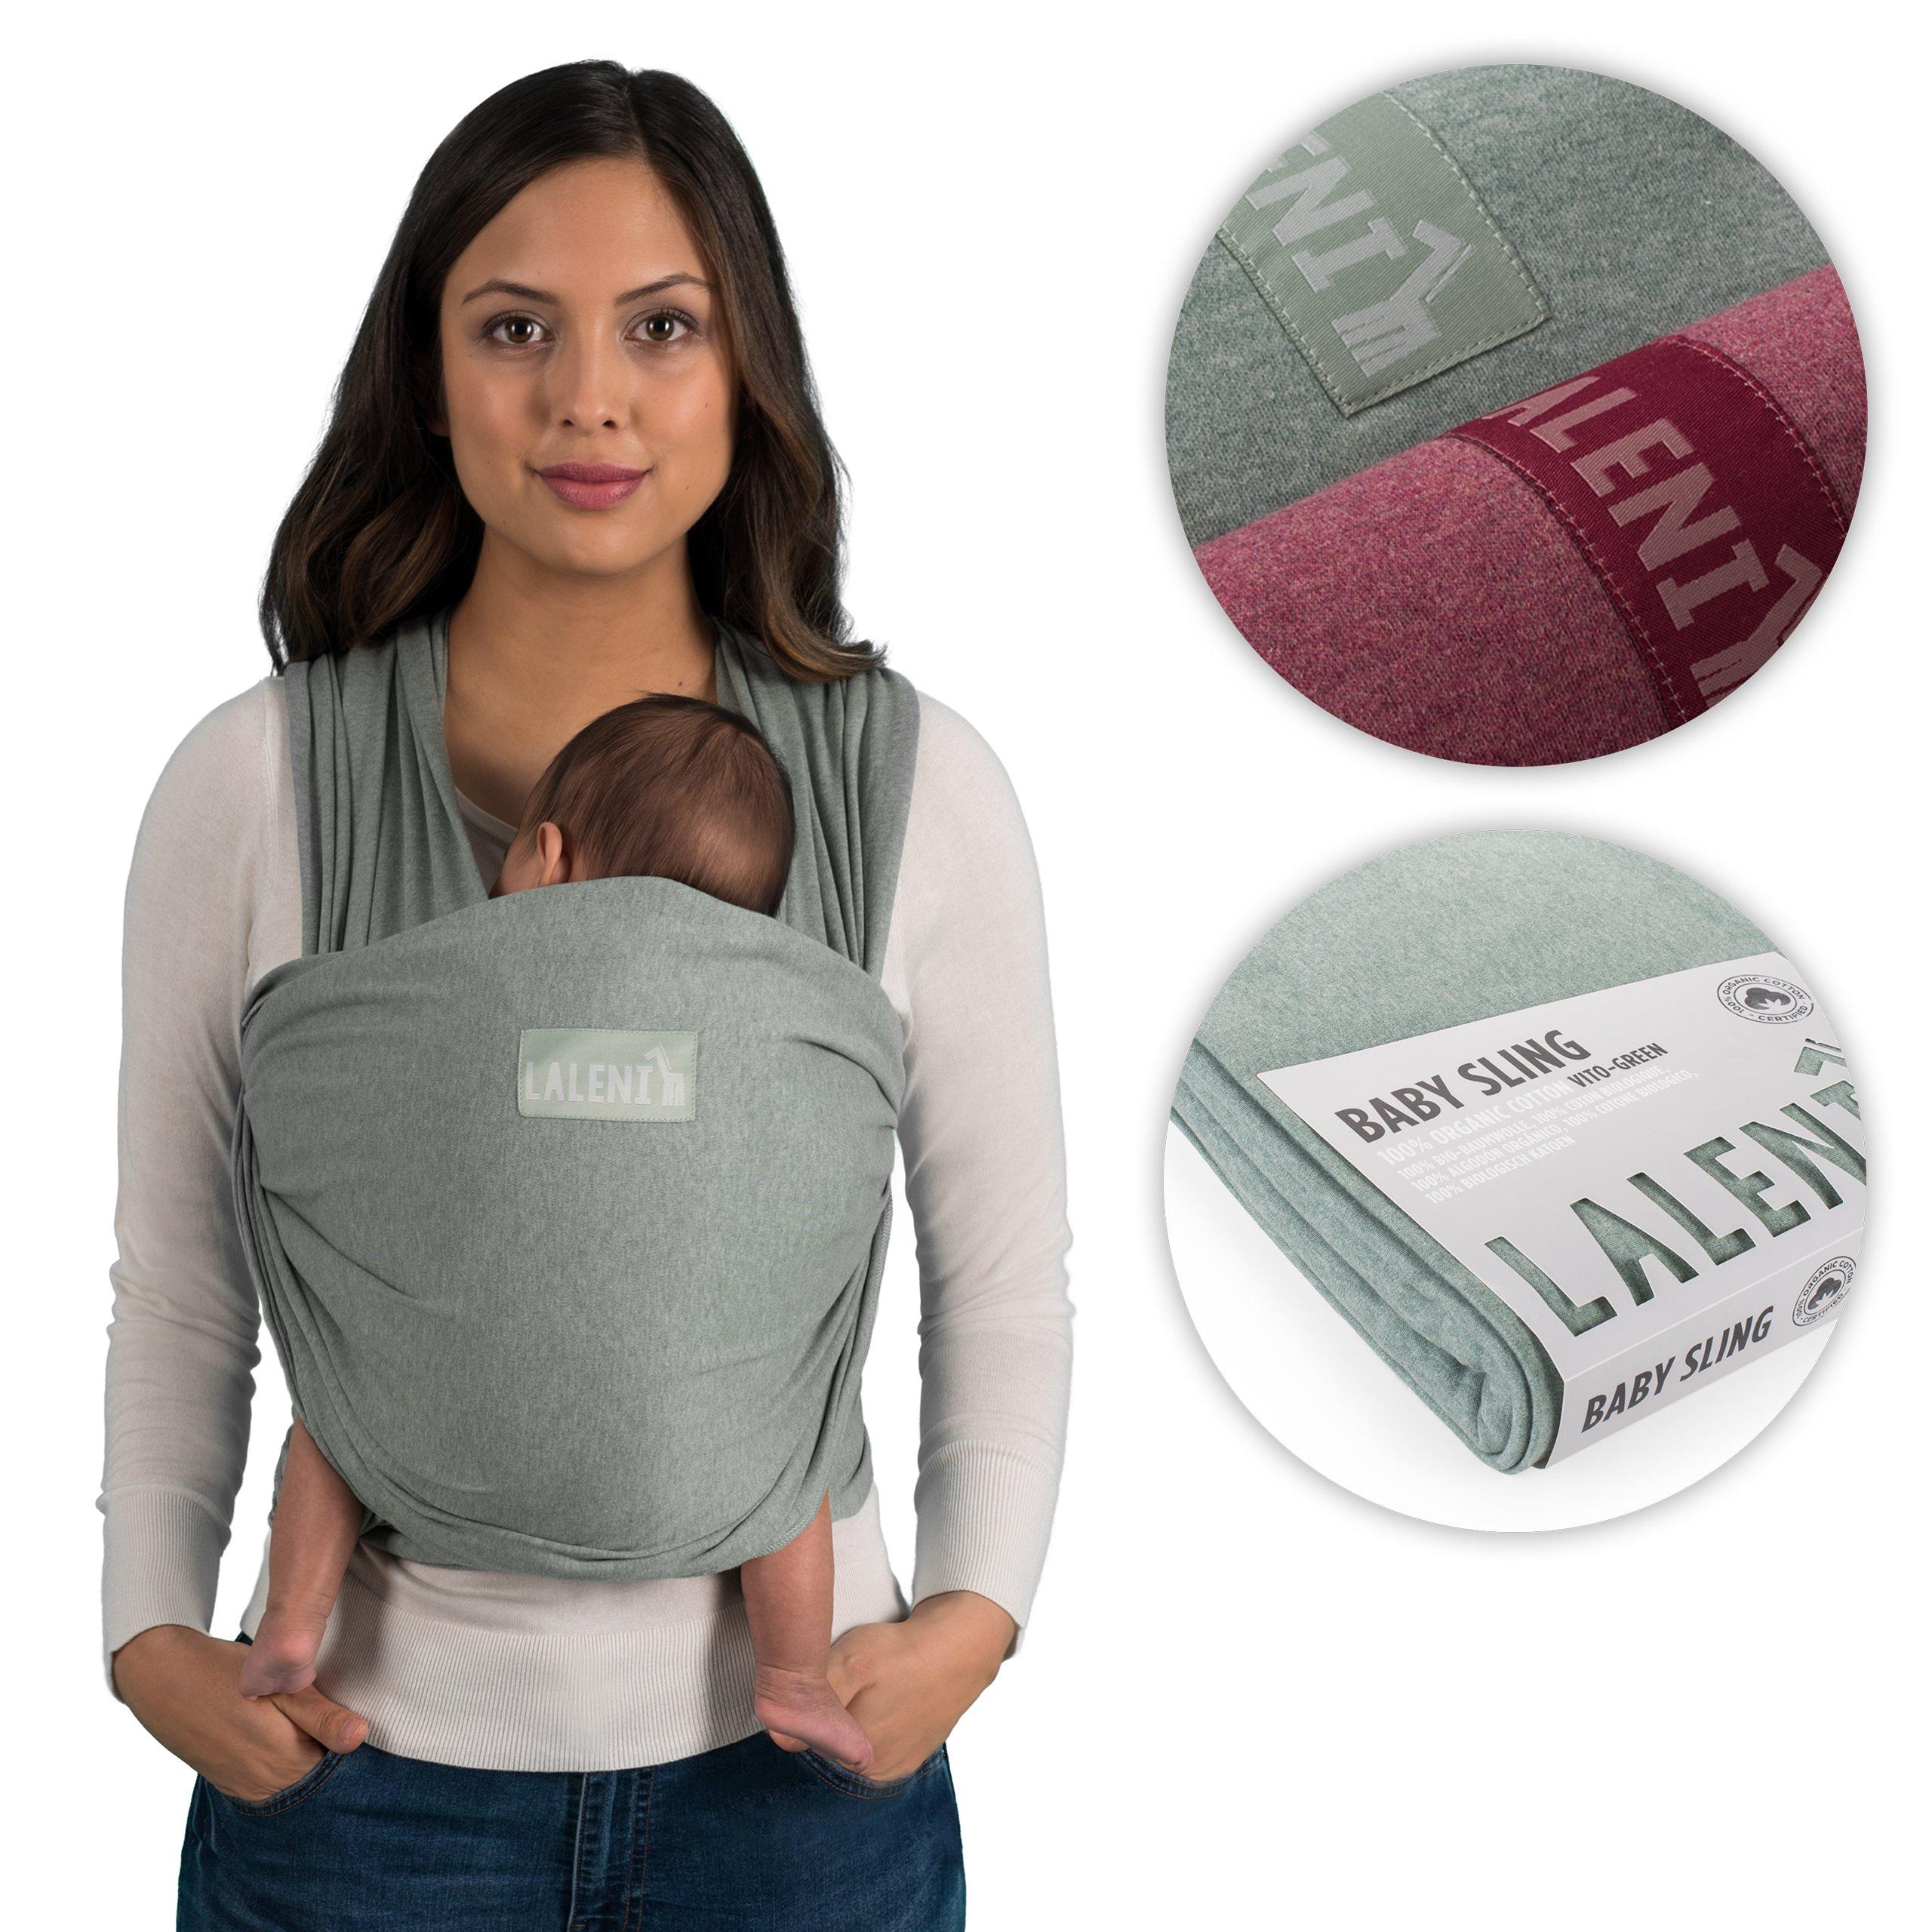 Fular portabebés de Laneli, 100 % algodón ecológico, para recién nacidos de hasta 15